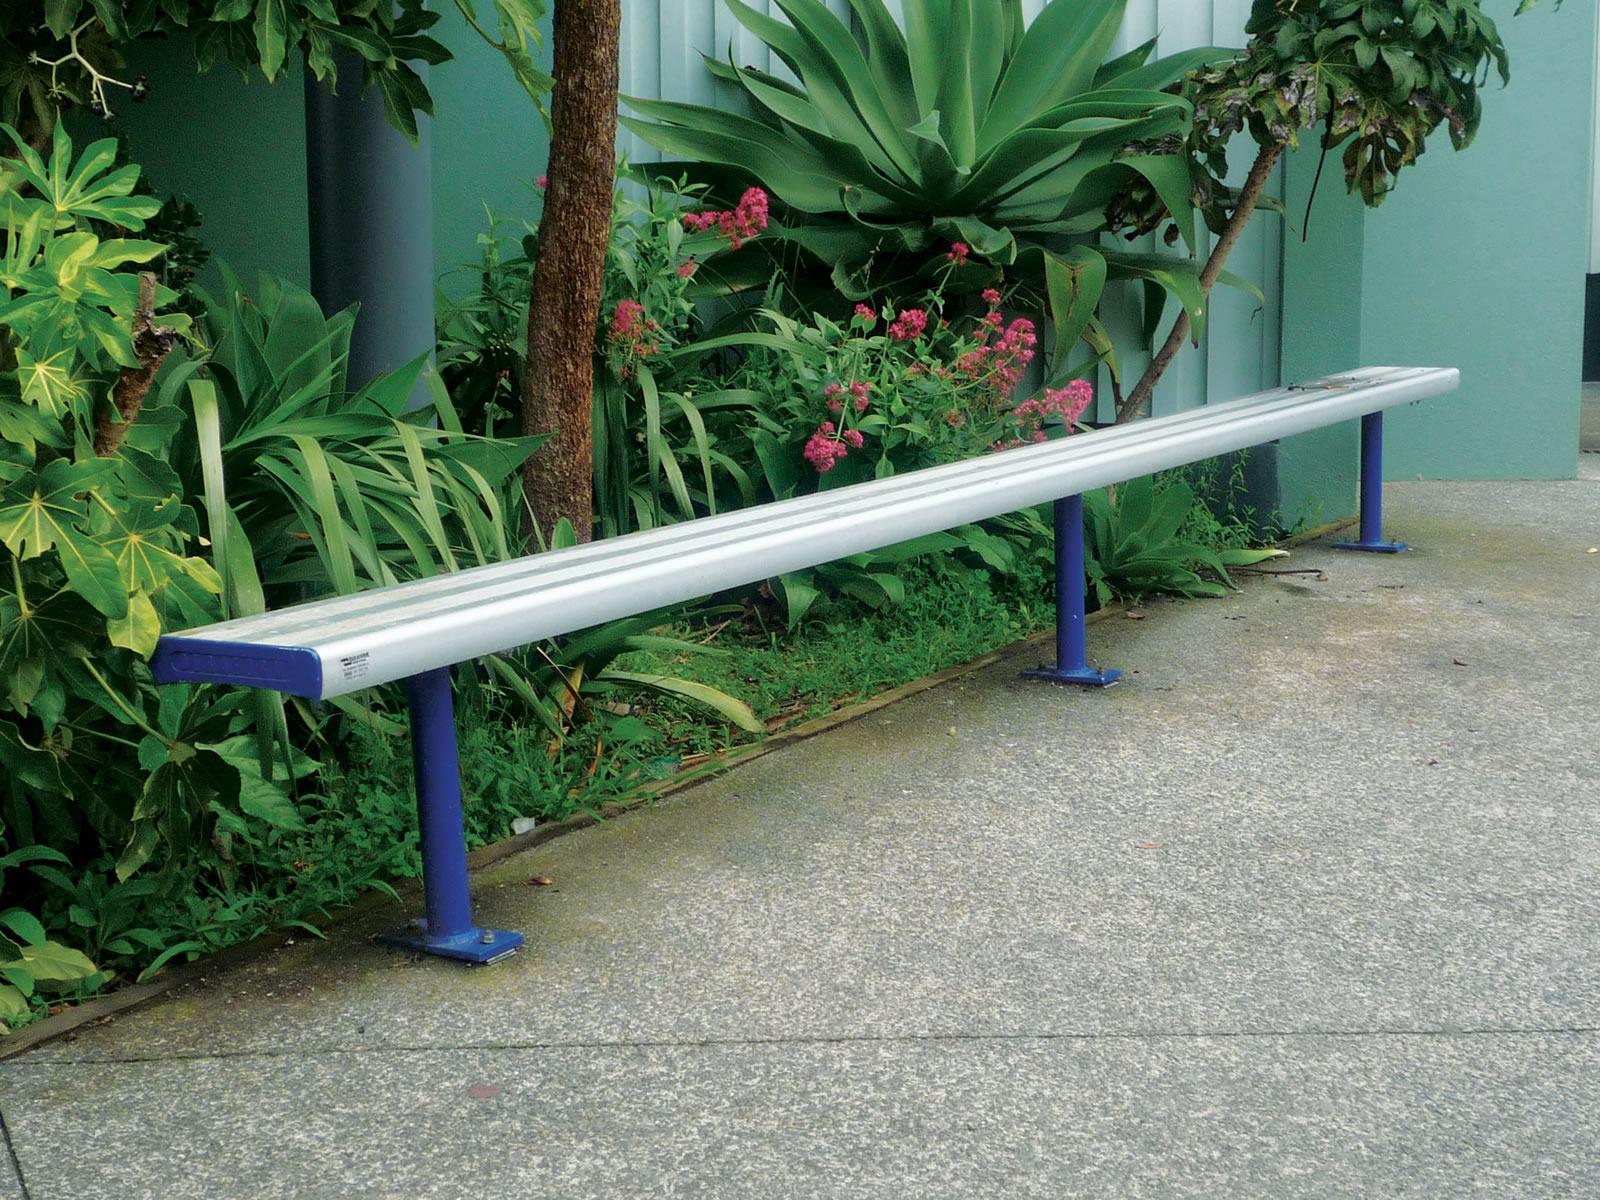 Duraform bench